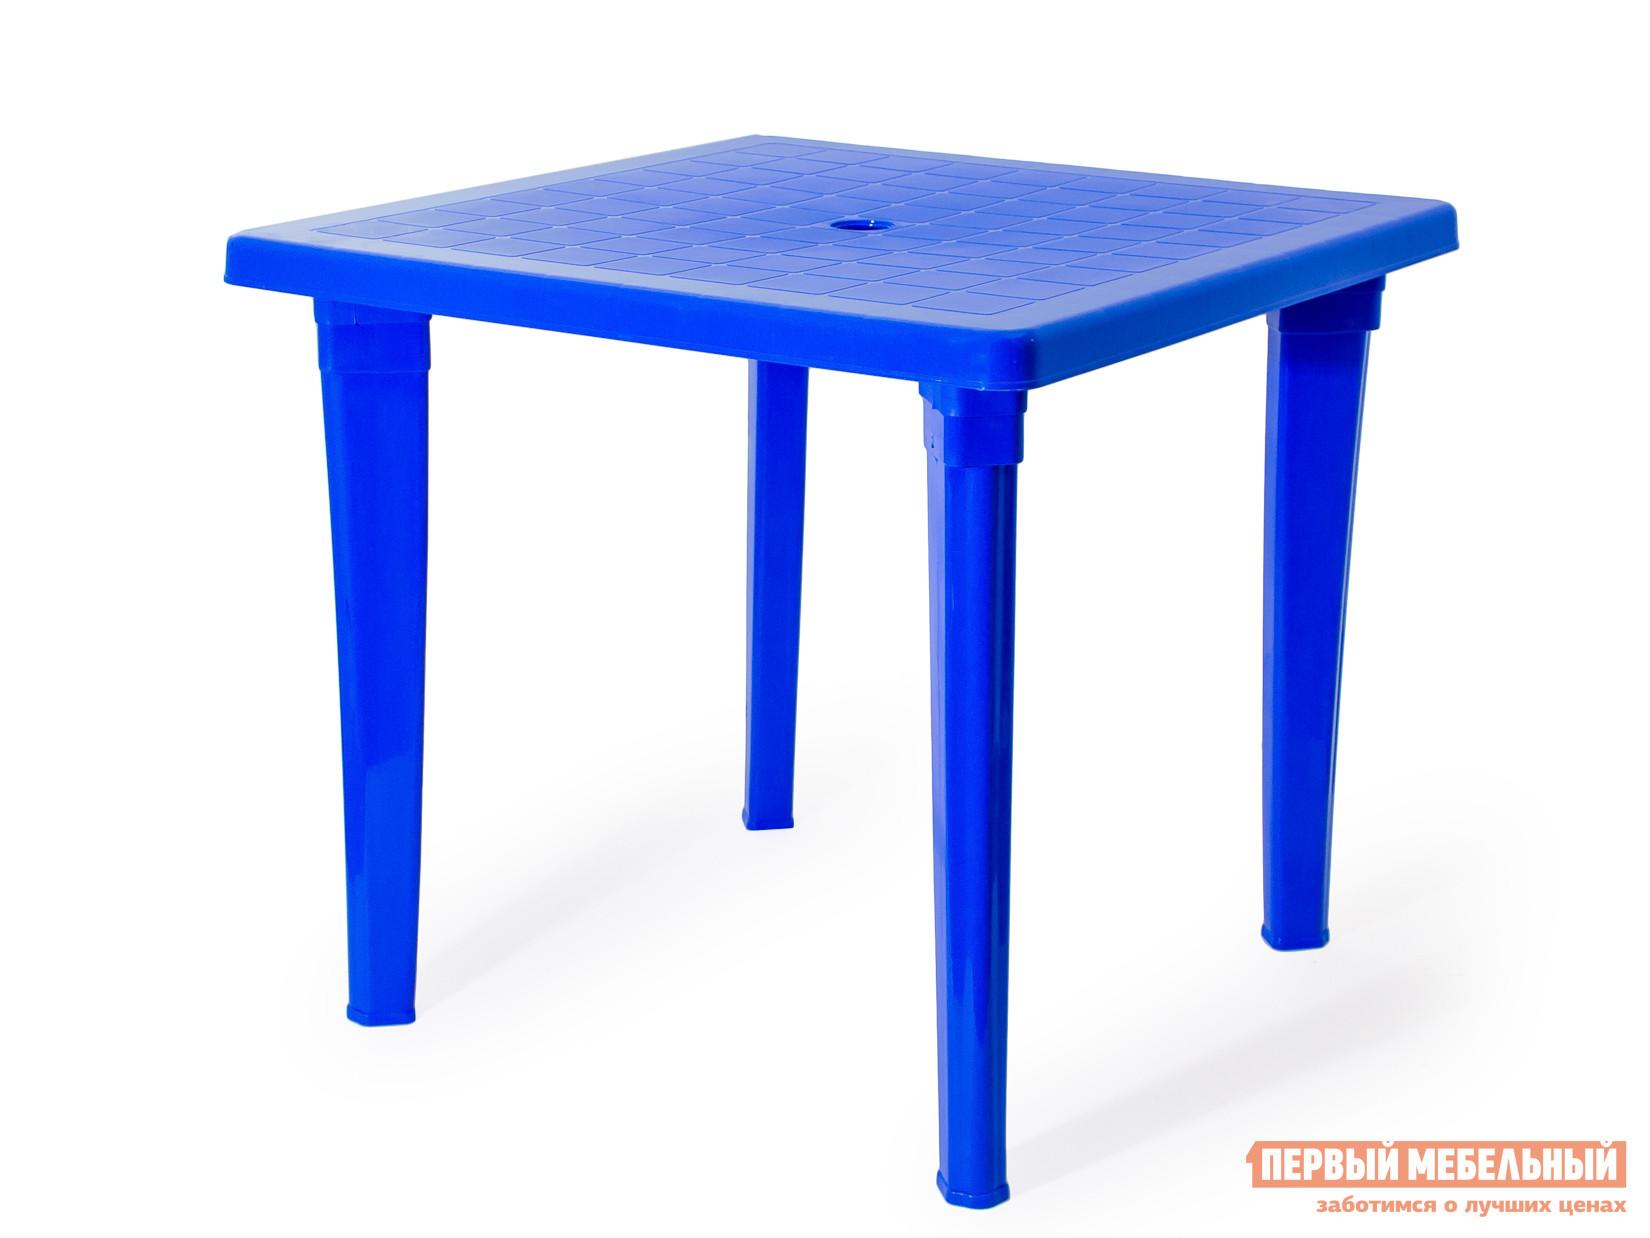 Пластиковый стол ЭЛП Стол квадратный Синий